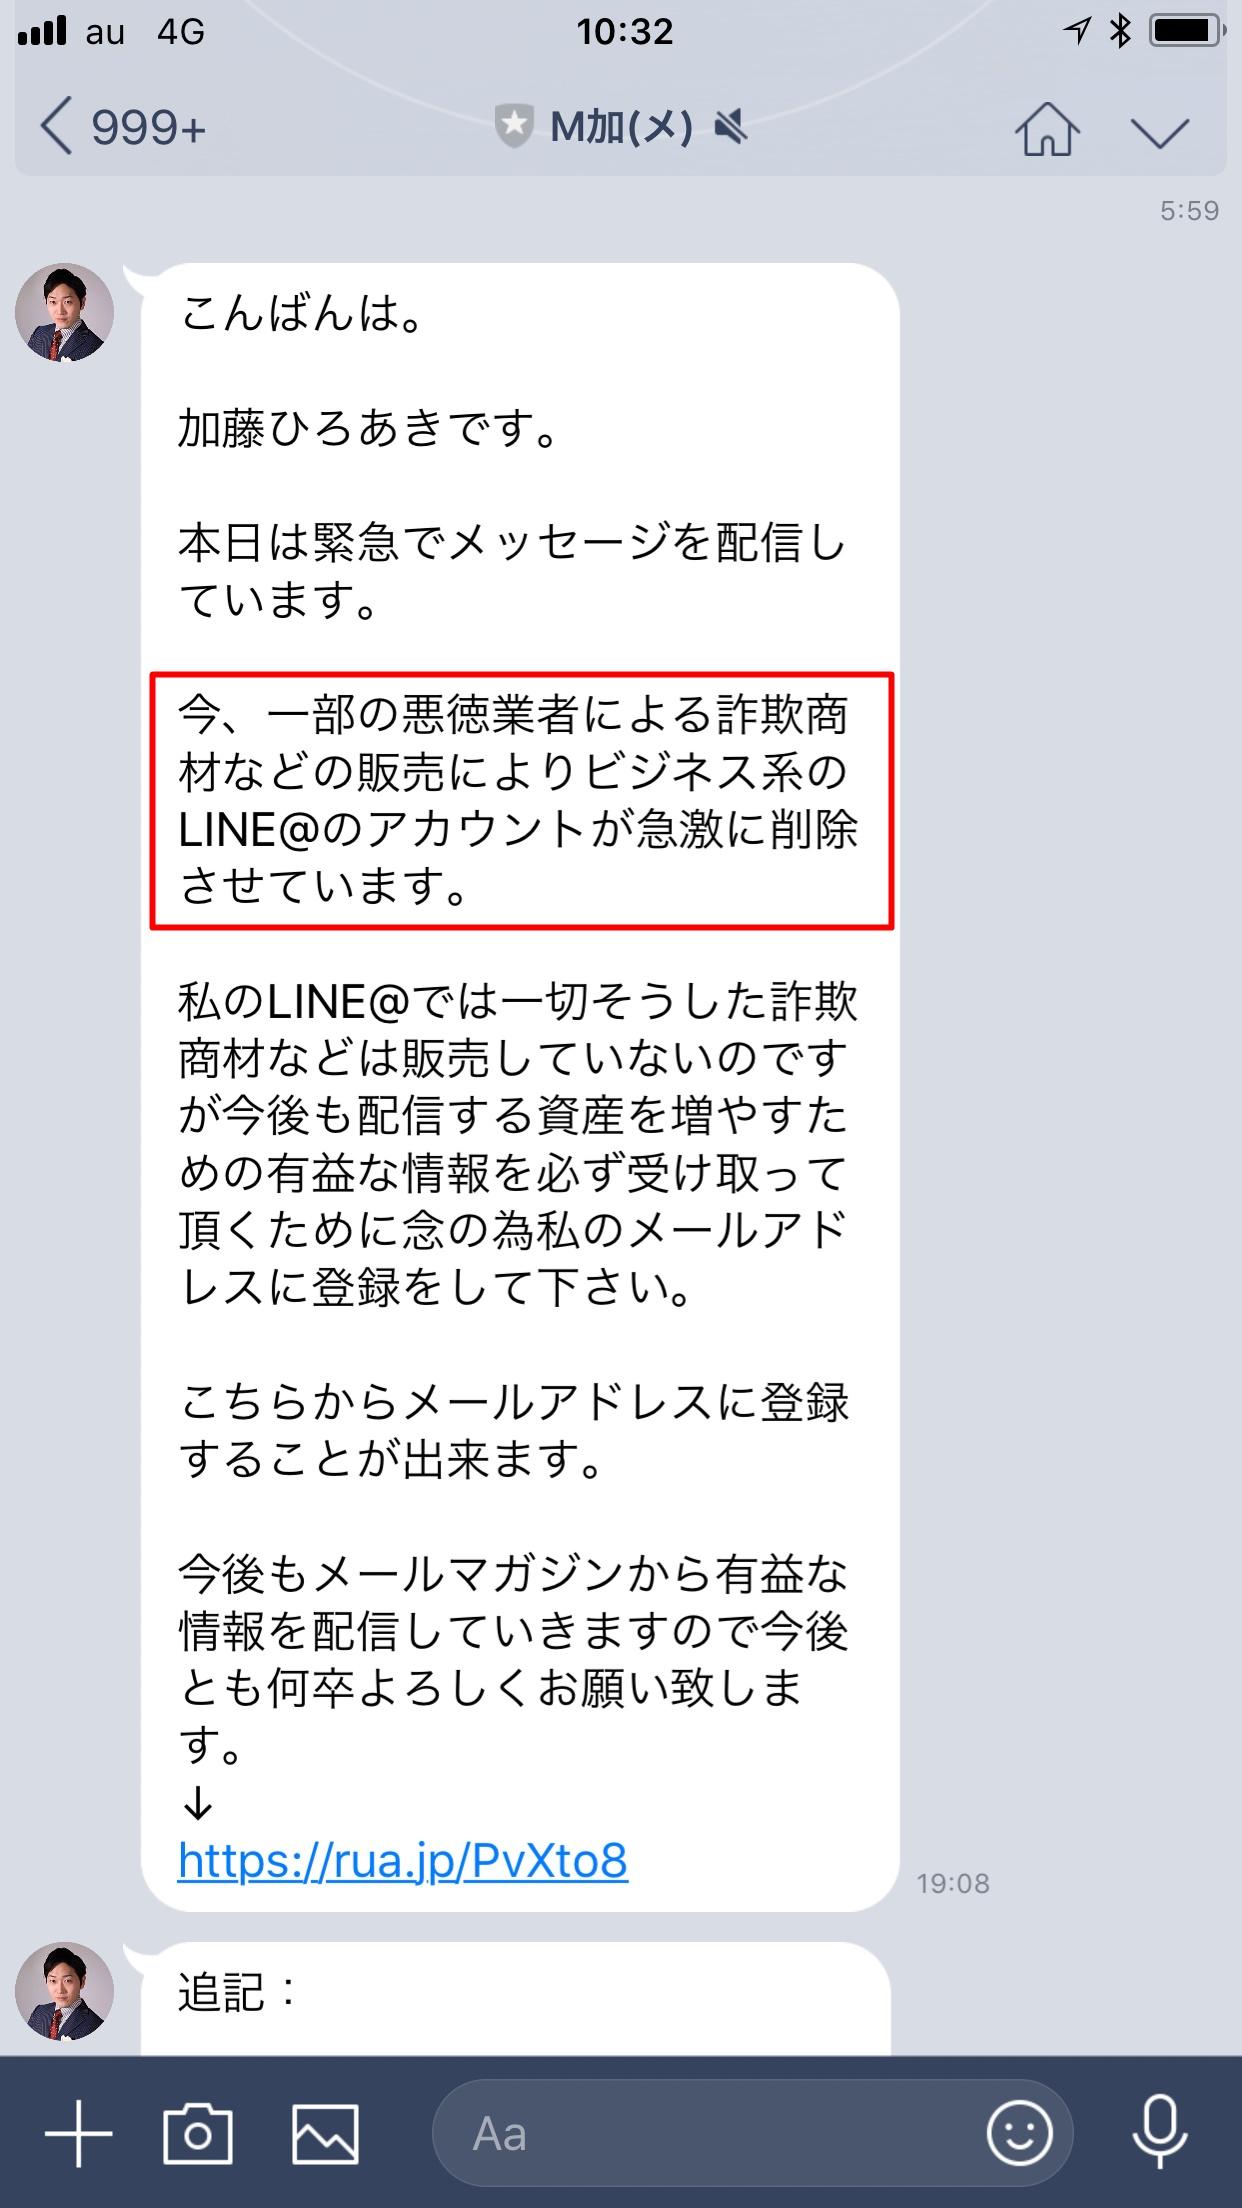 【情報業界の終わり?】情報商材屋のLINE@に怪しい動きが・・・!1